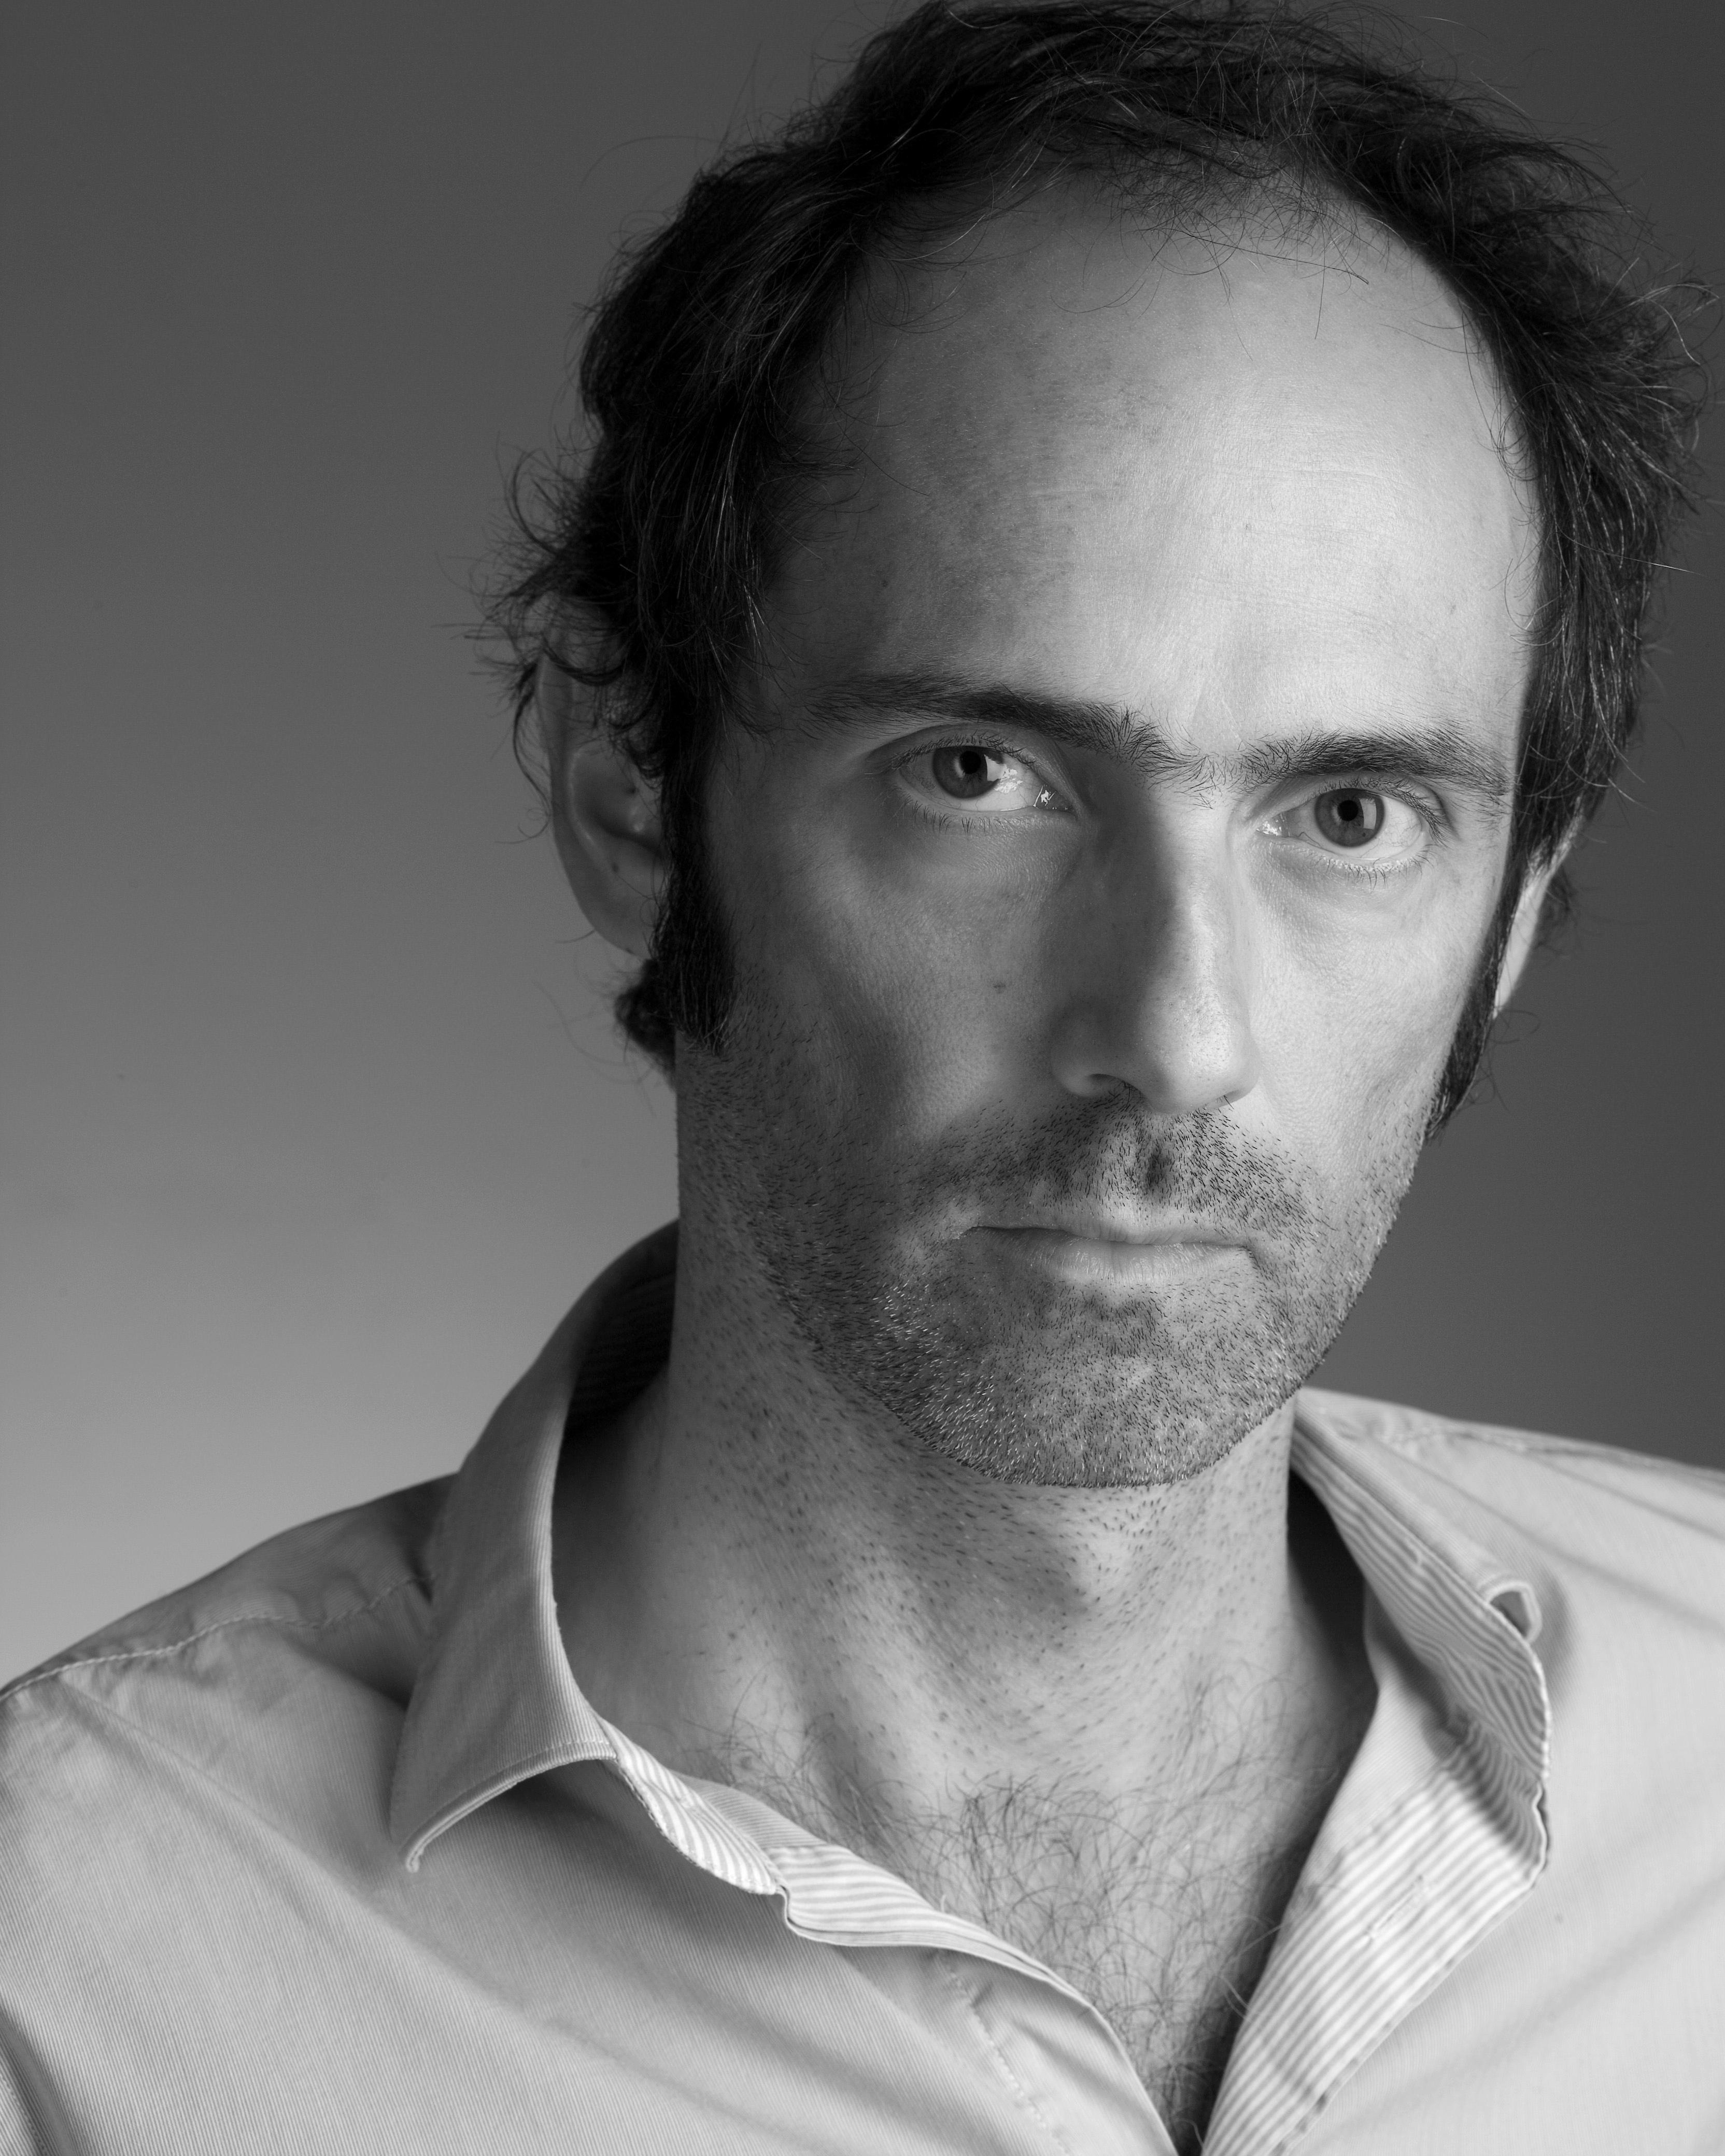 """José Vidal Valicourt: """"el sueño de Blanchot fue el de lograr una escritura colectiva y anónima, sin los lujos de los nombres propios"""" José Vidal Valicourt: """"el sueño de Blanchot fue el de lograr una escritura colectiva y anónima, sin los lujos de los nombres propios"""" YS7X7683"""